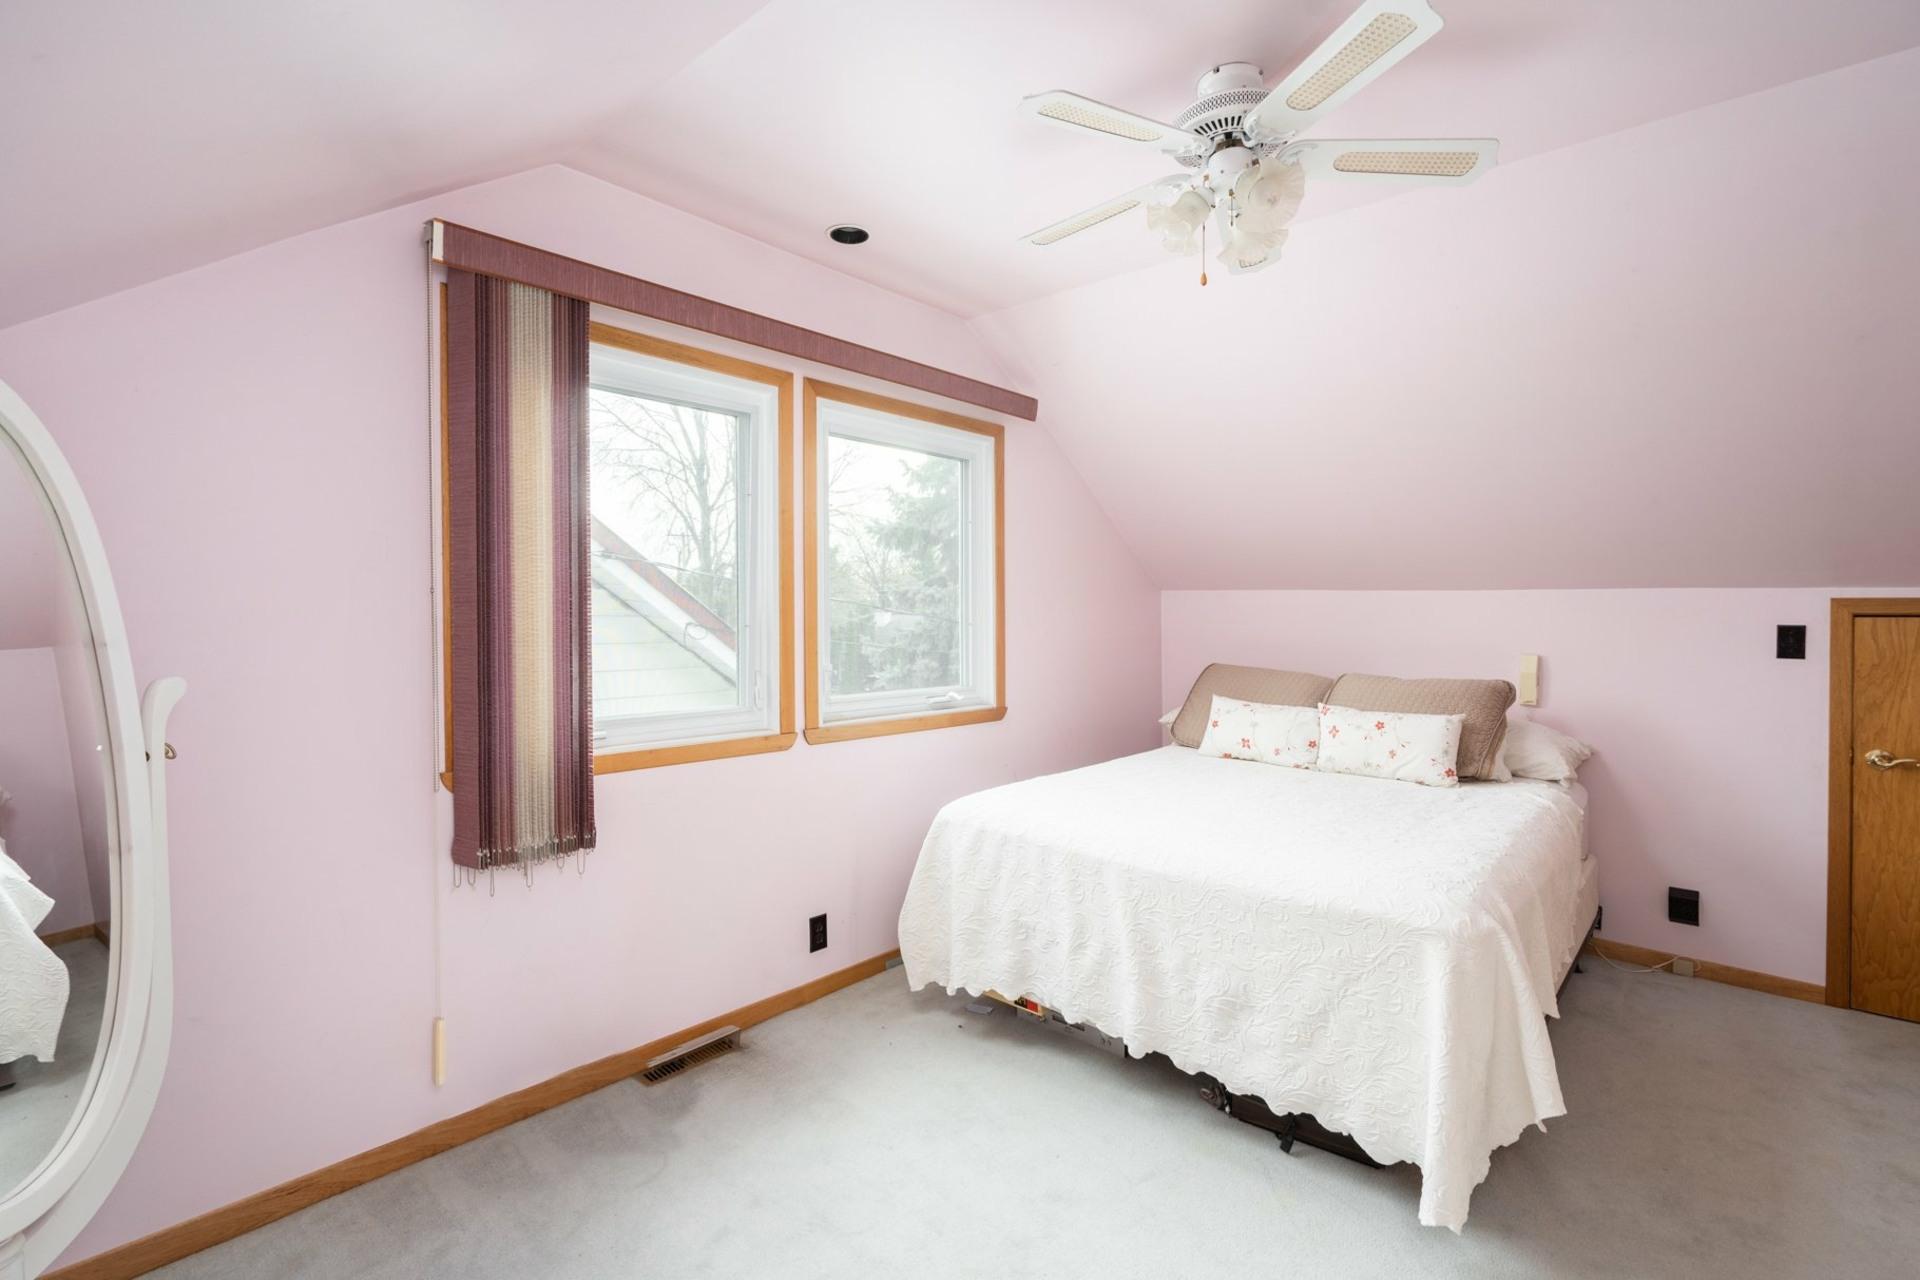 image 10 - Maison À vendre Saint-Laurent Montréal  - 9 pièces